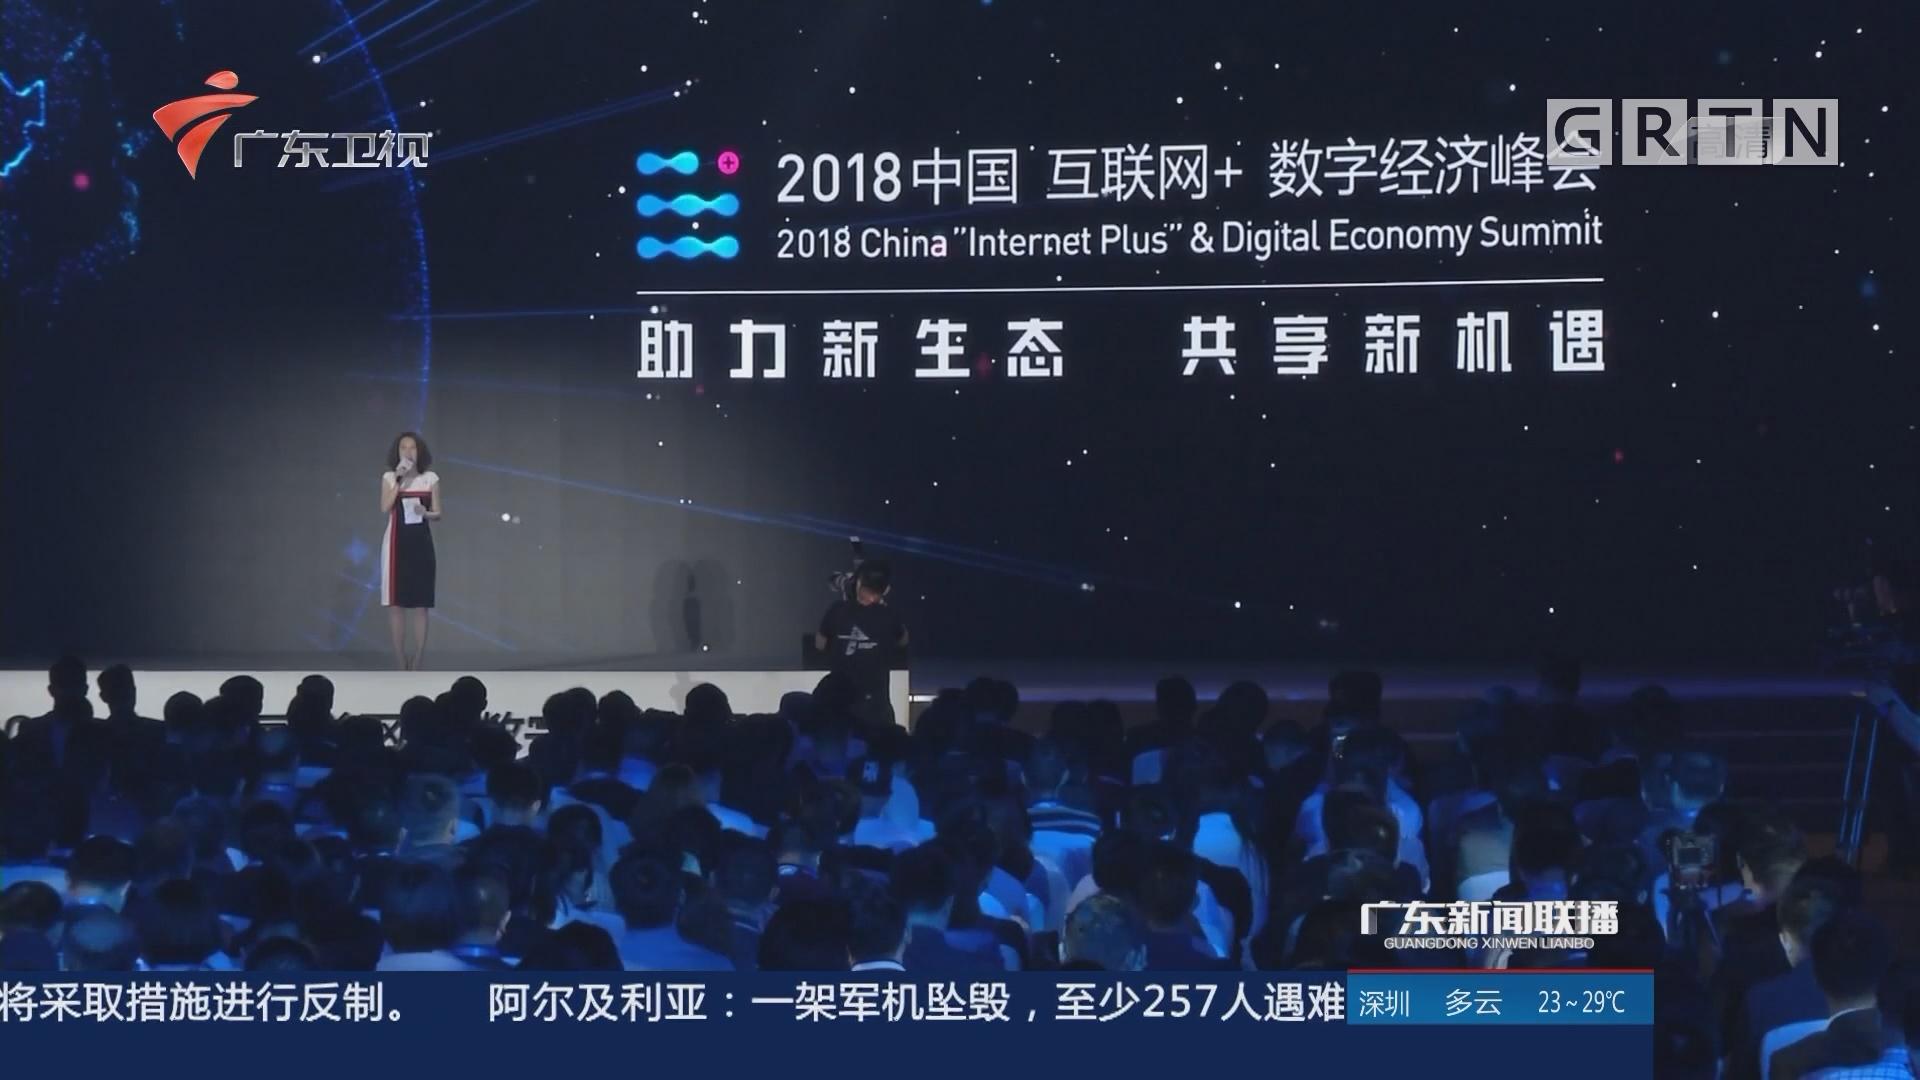 全国数字经济体量26.7万亿元 广东连续三年排名第一